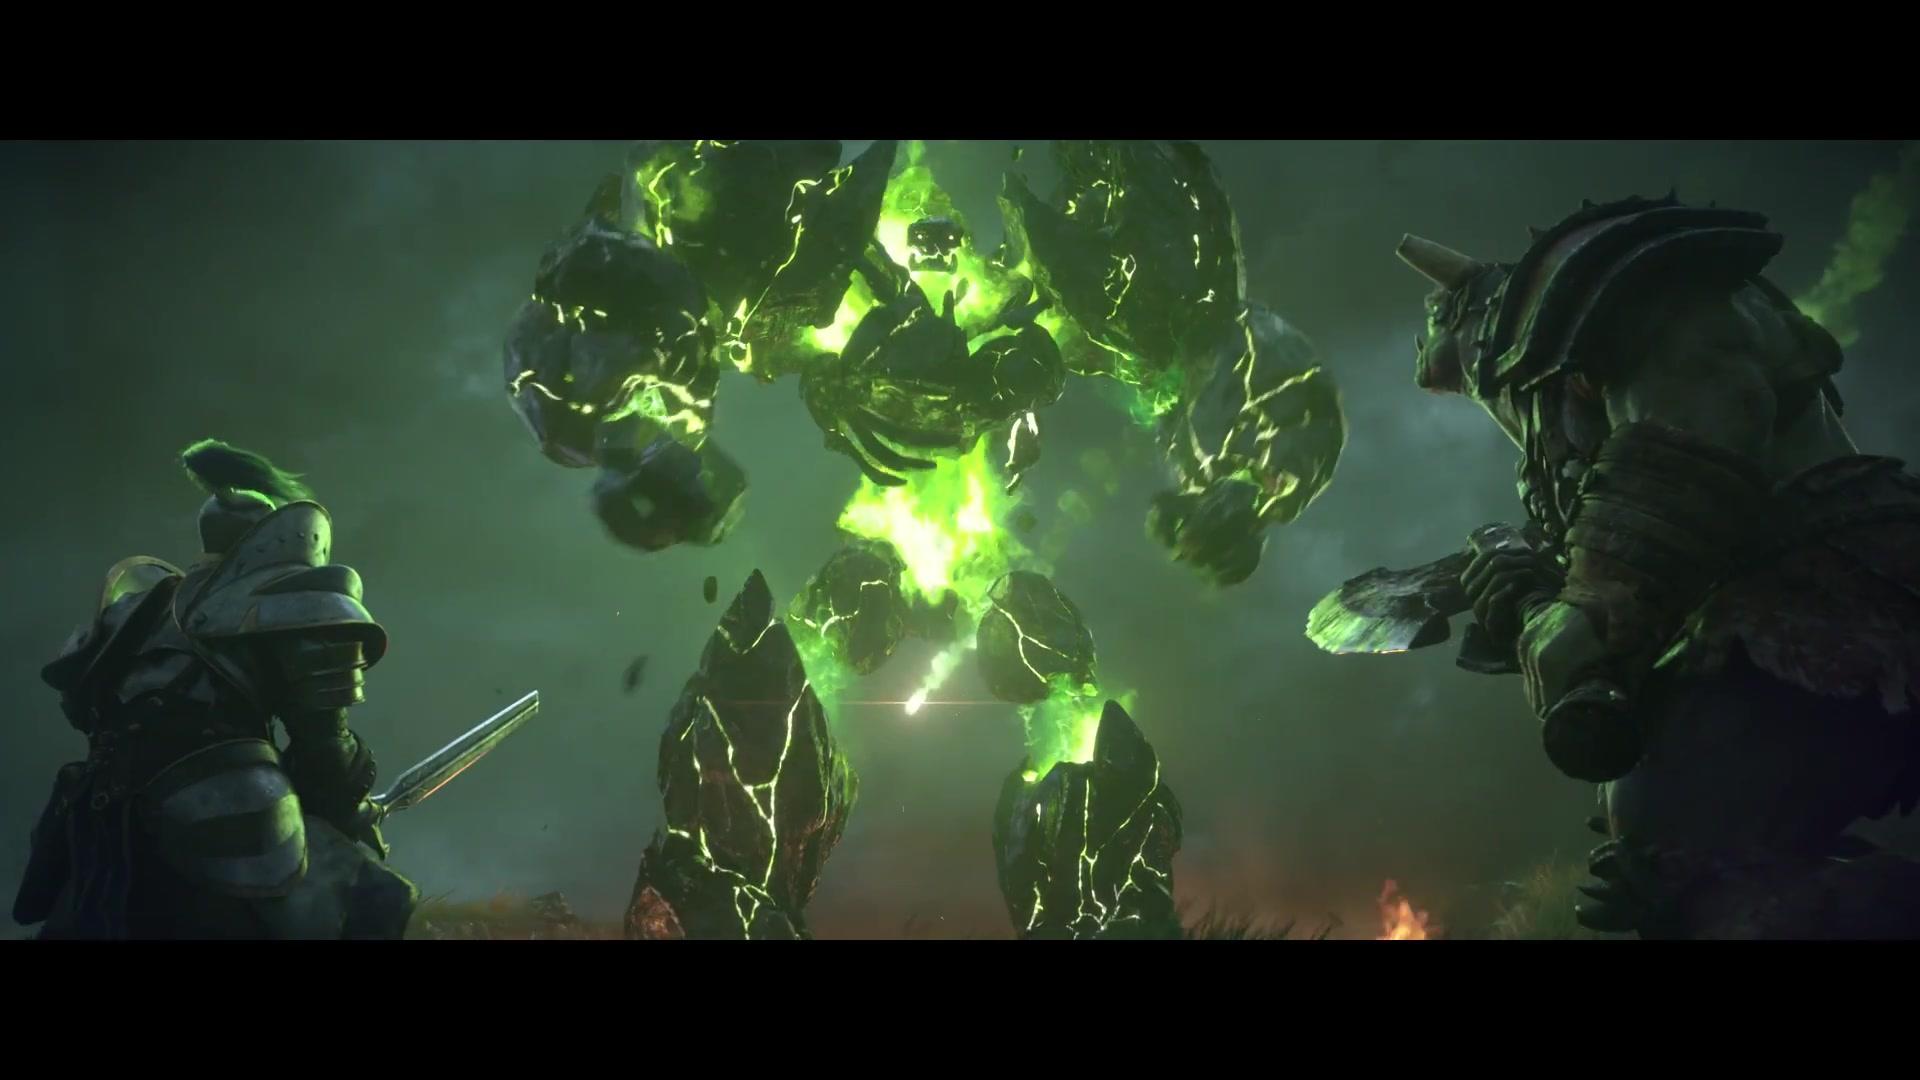 《魔兽争霸3重制版》正式公布!2019年发售